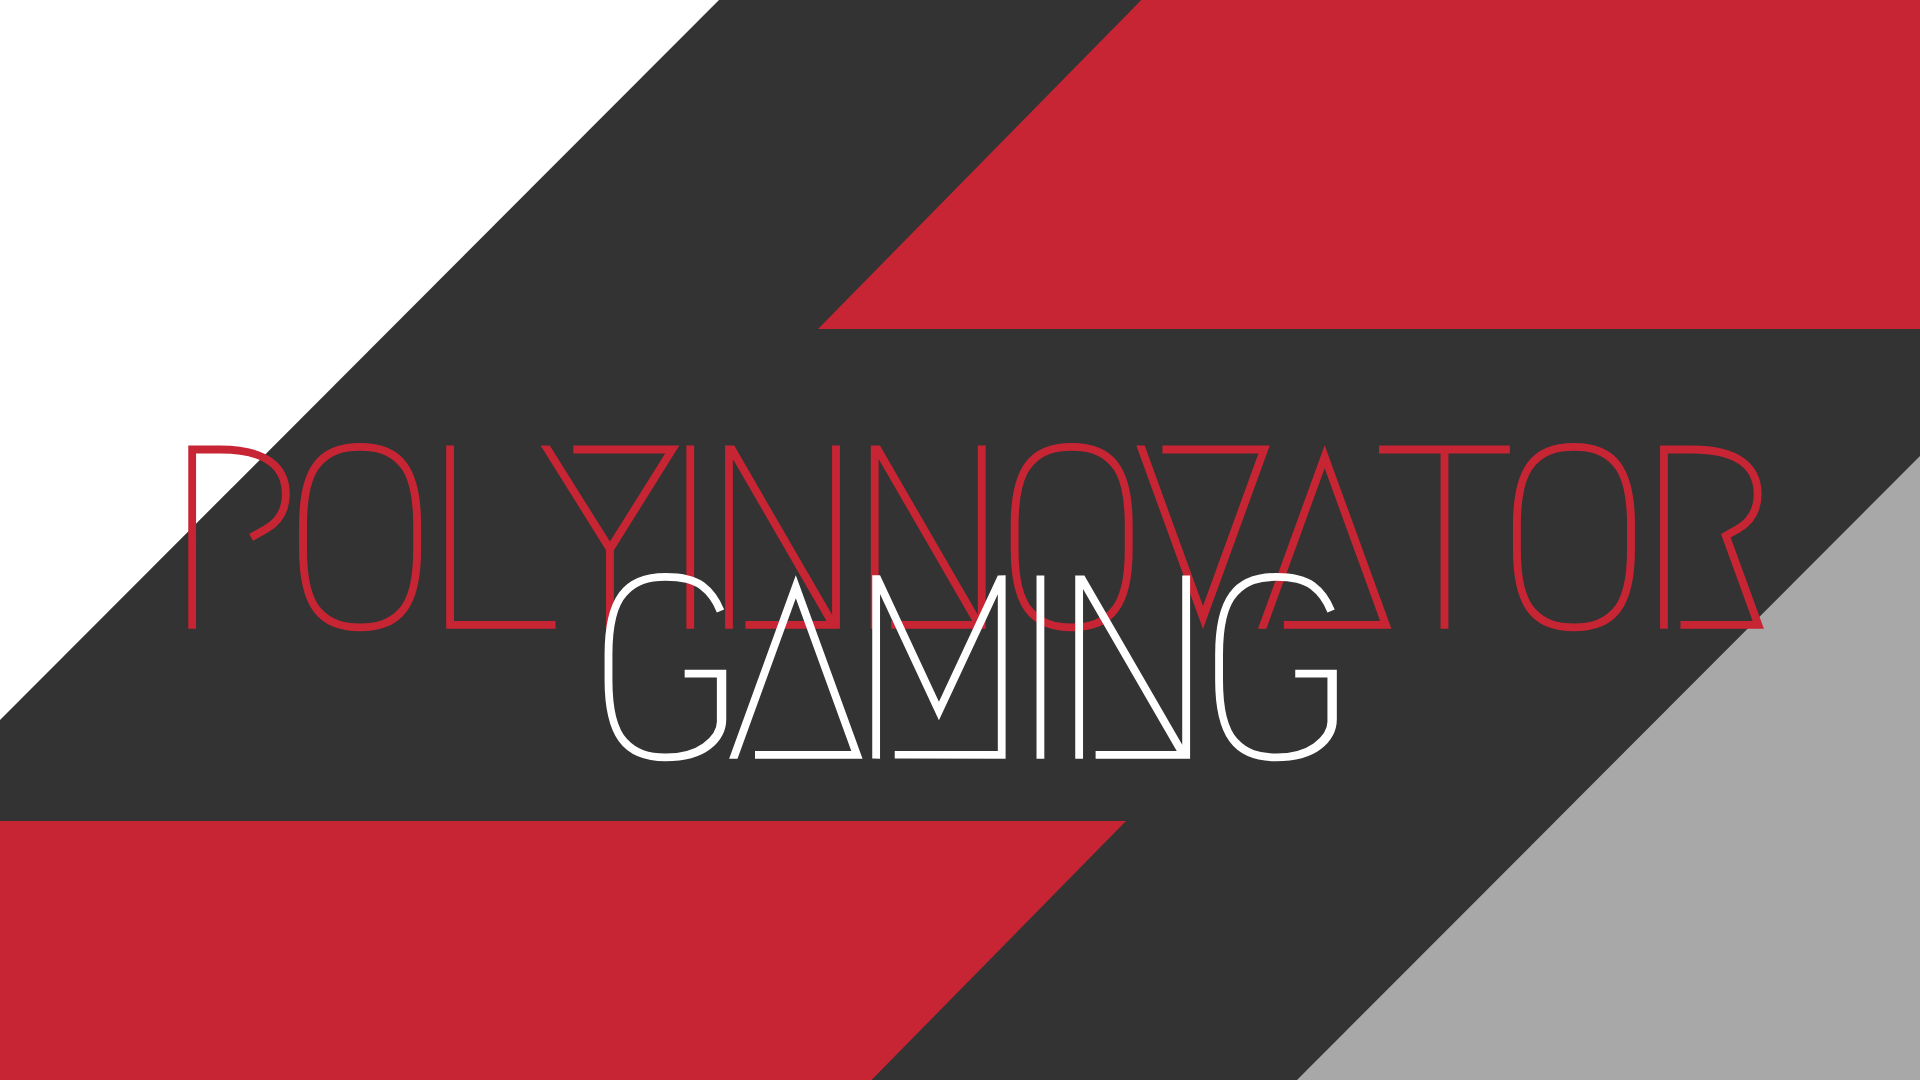 PolyInnovator Gaming 🎮